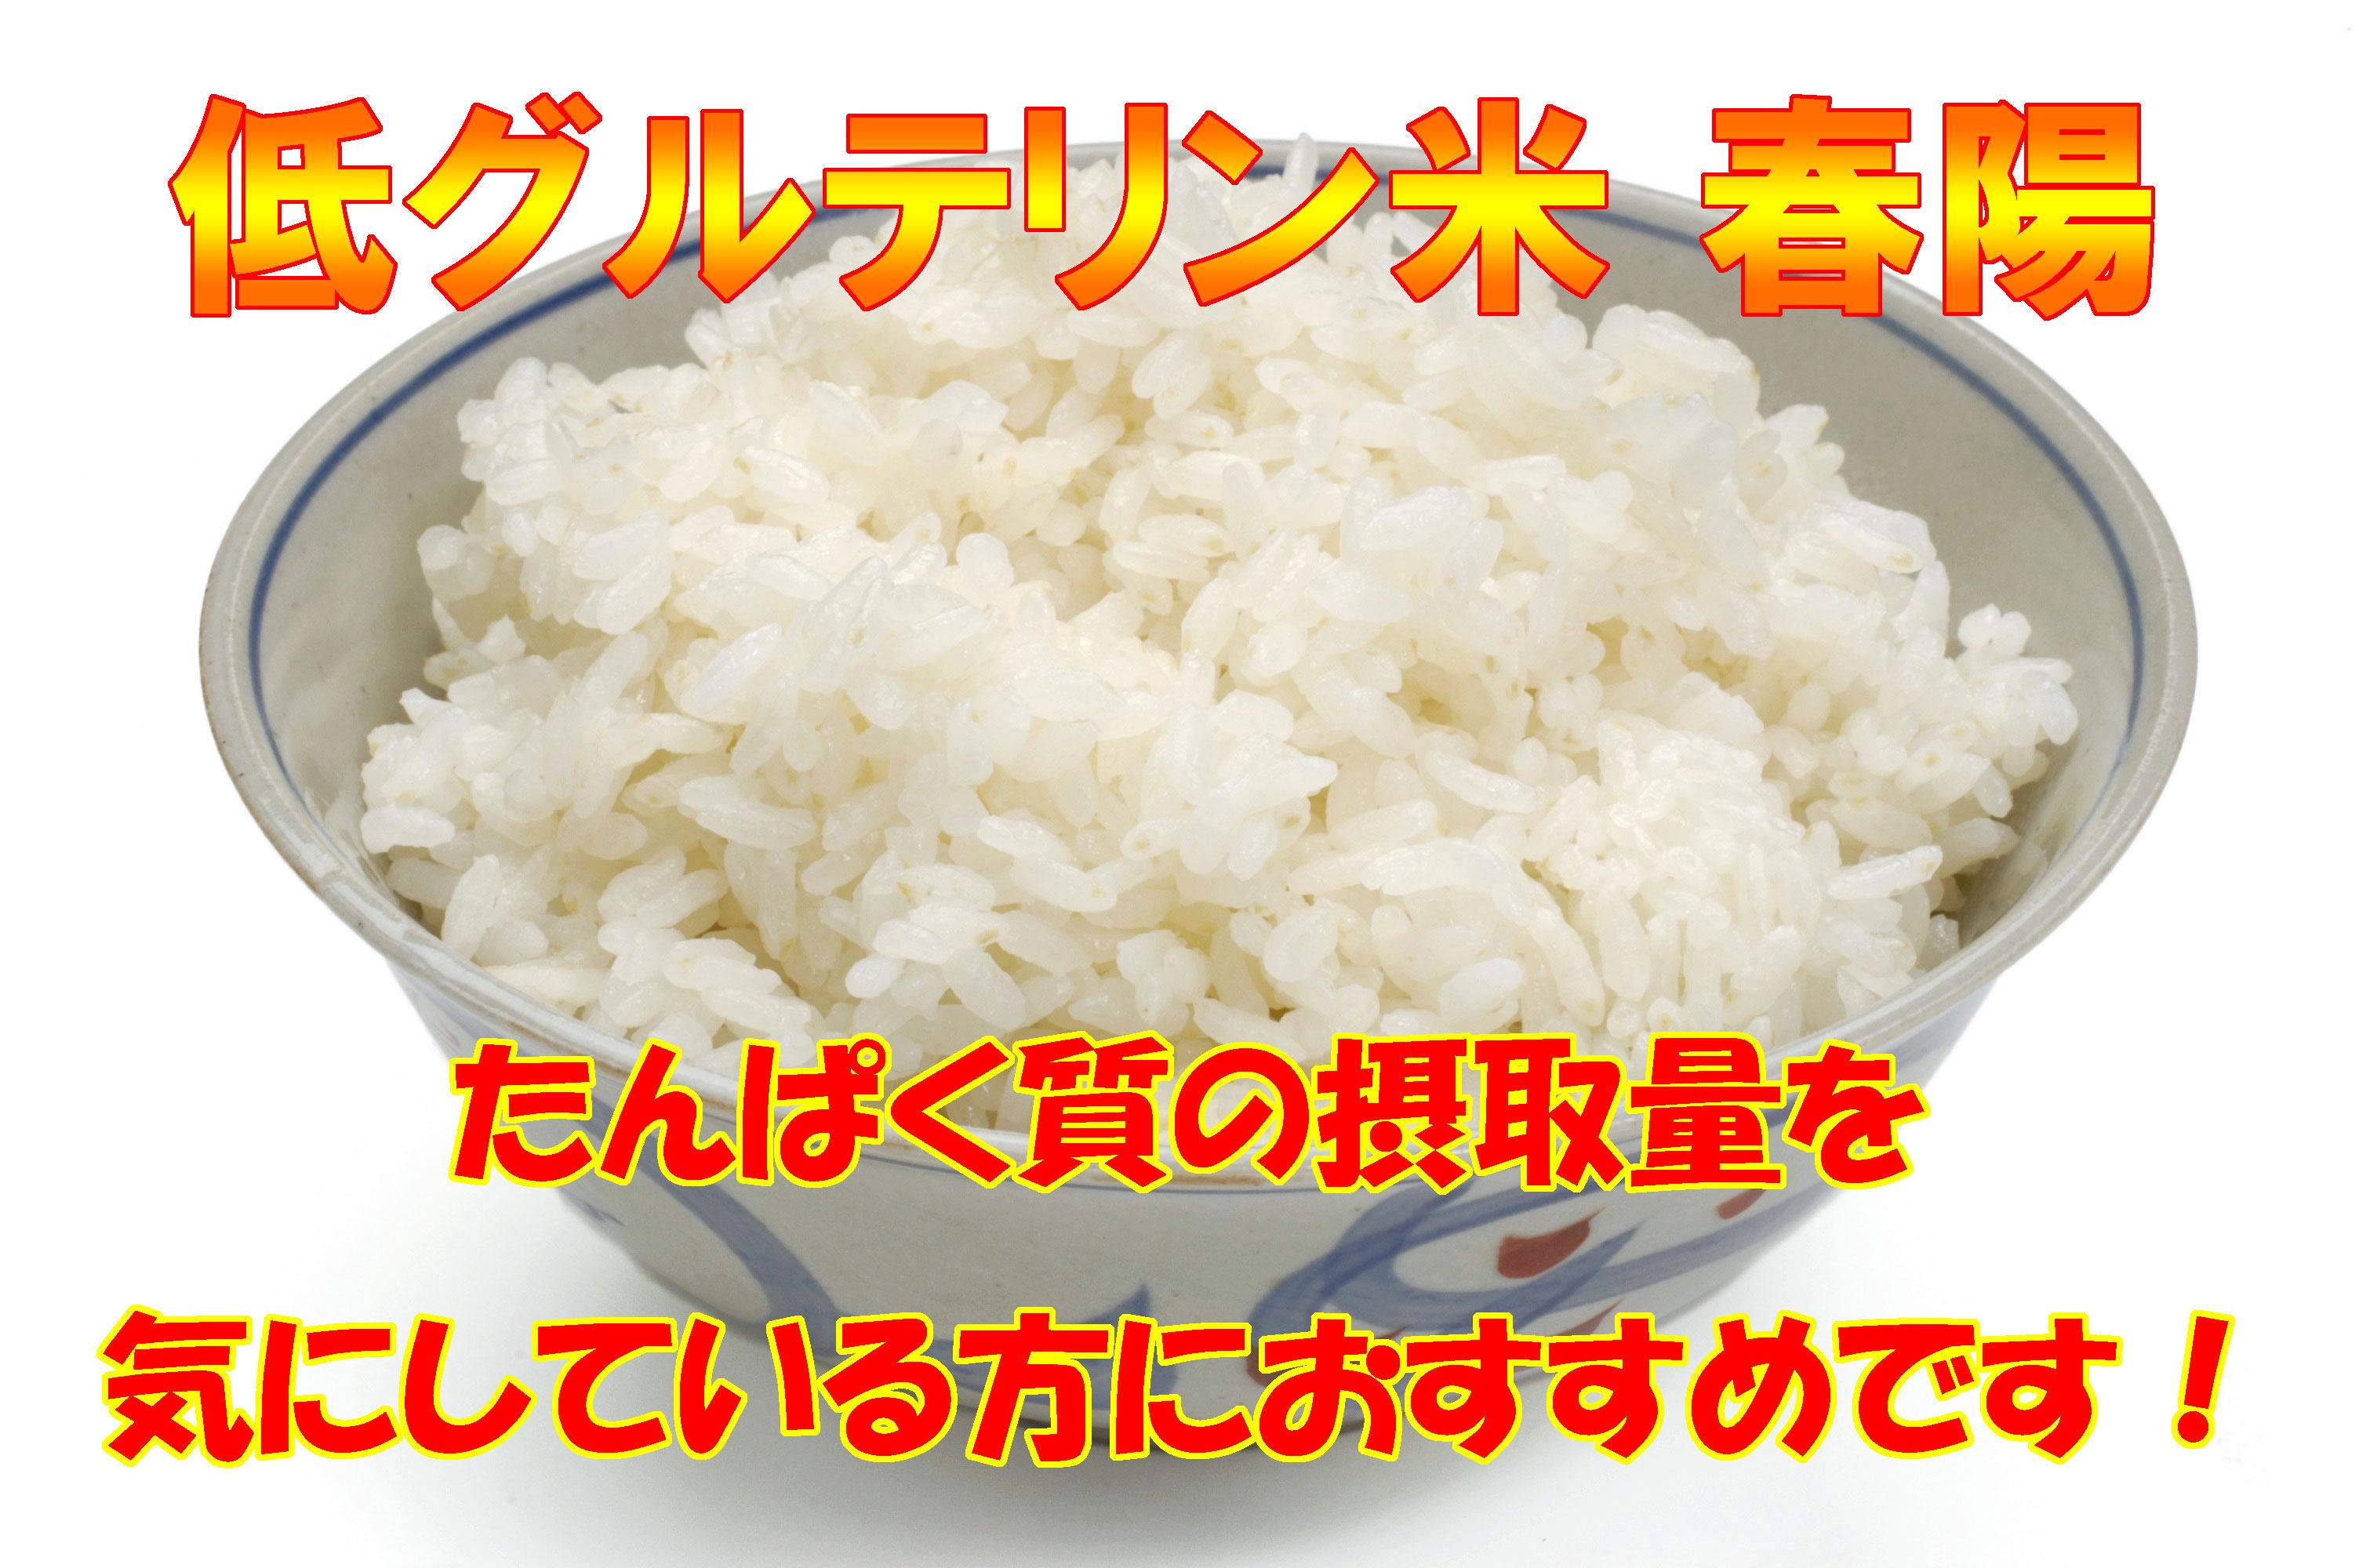 R2年産 宮城登米産 低グルテリン米「春陽」 白米 5kg